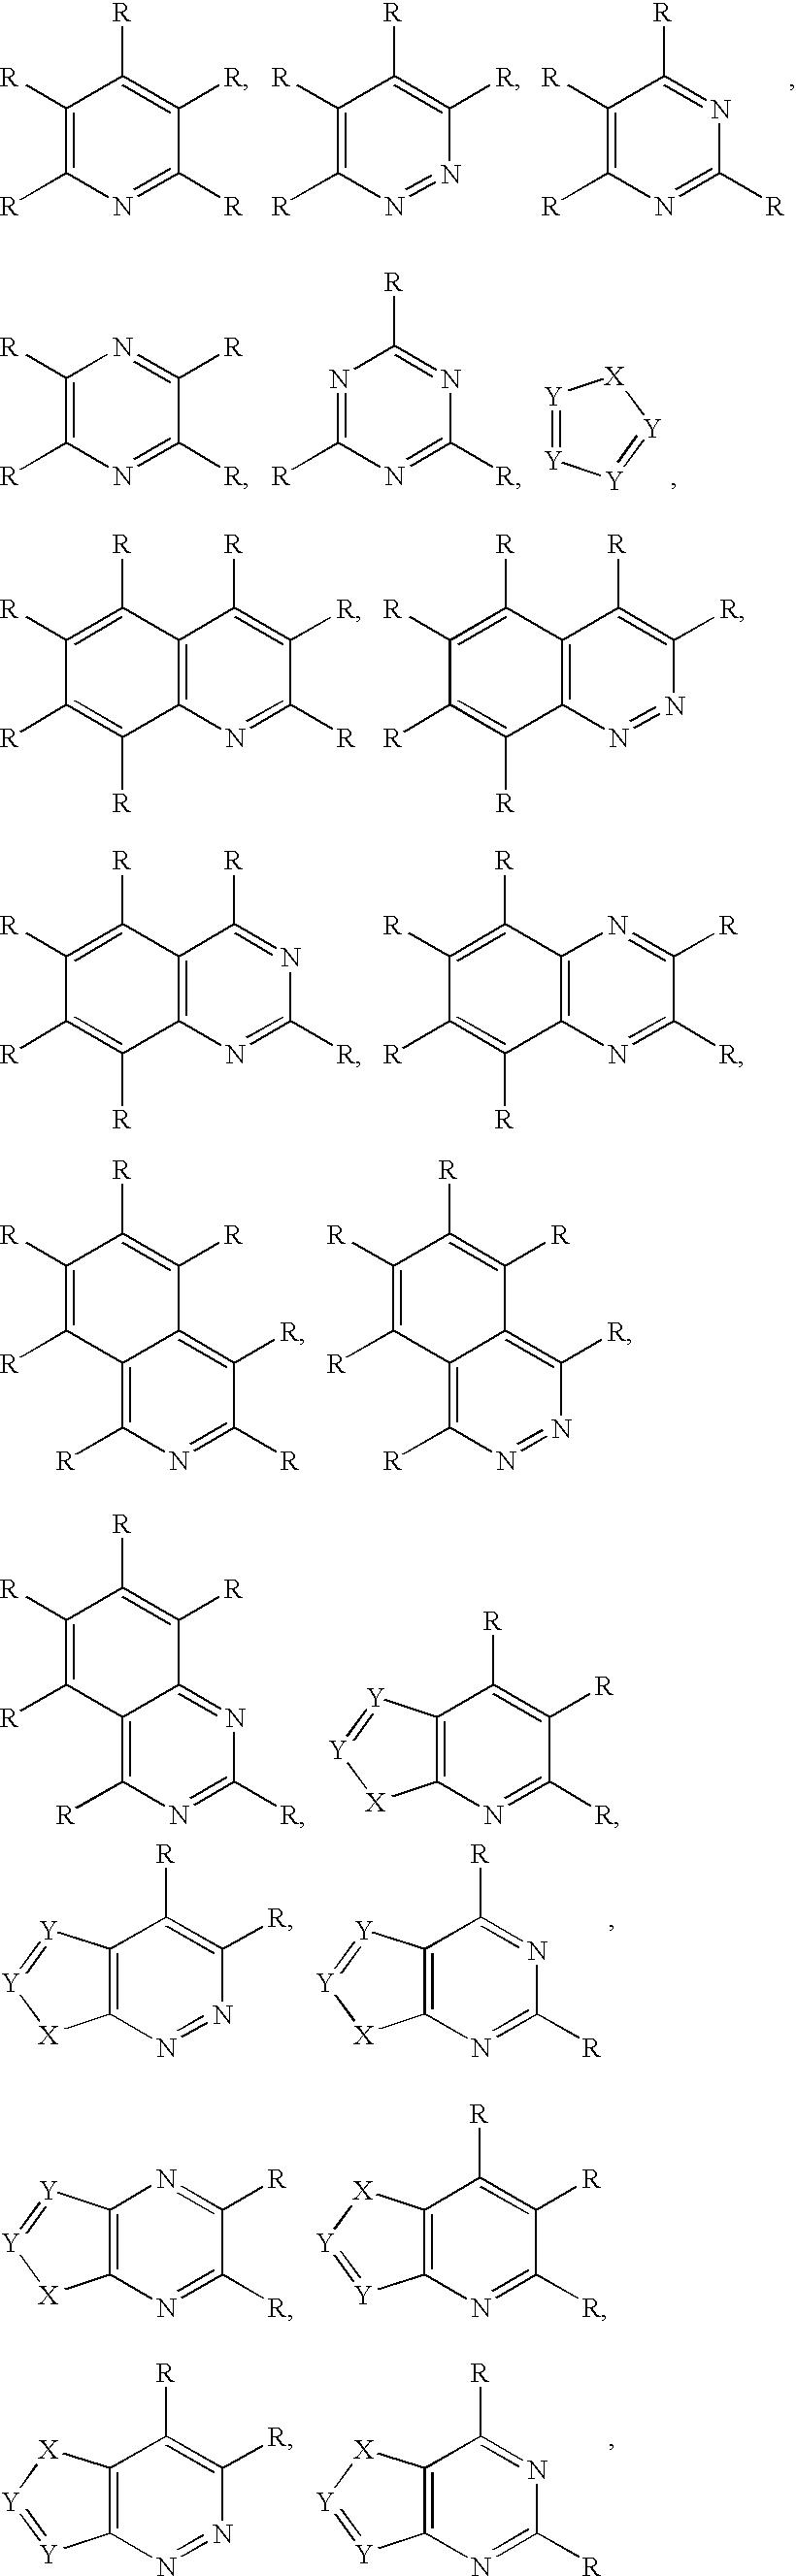 Figure US20090187027A1-20090723-C00027